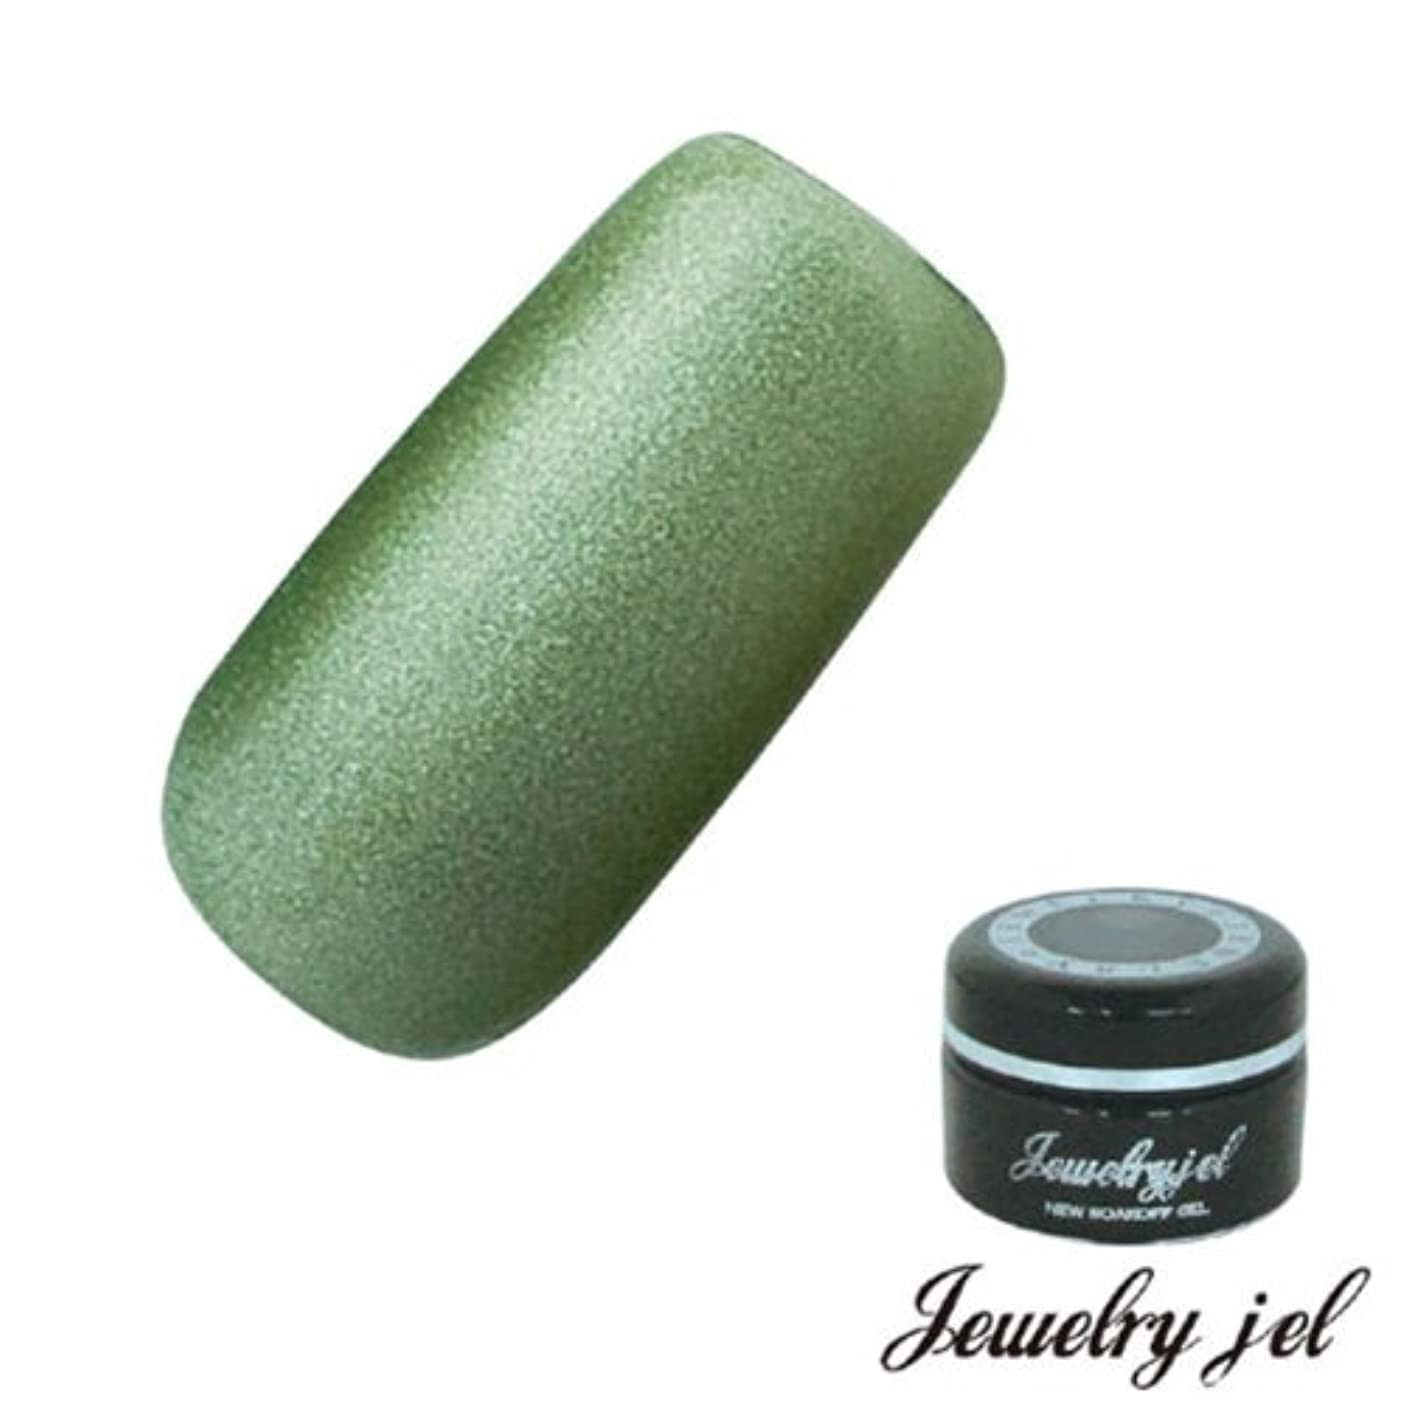 不公平形式からかうジュエリージェル ジェルネイル カラージェル SG206 3.5g 迷彩グリーン パール入り UV/LED対応  ソークオフジェル グリーン迷彩グリーン